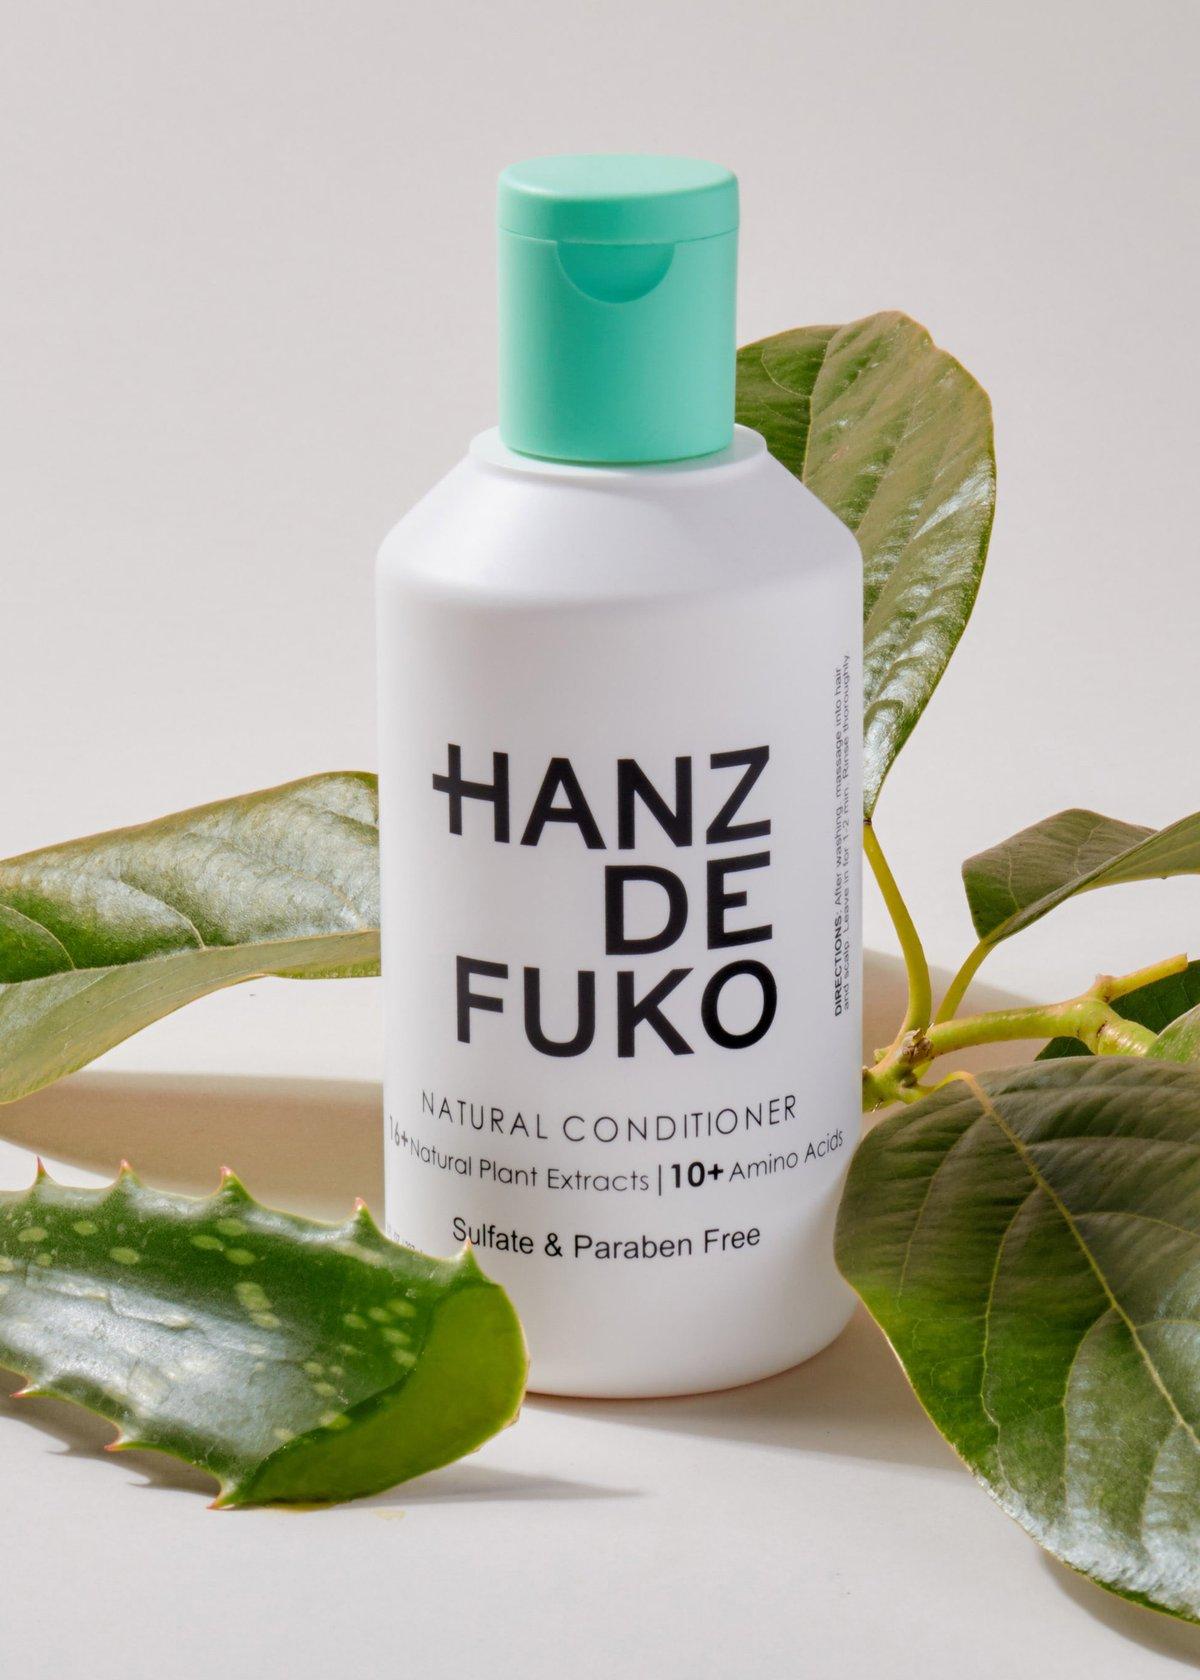 Image of Hanz De Fuko Natural Conditioner